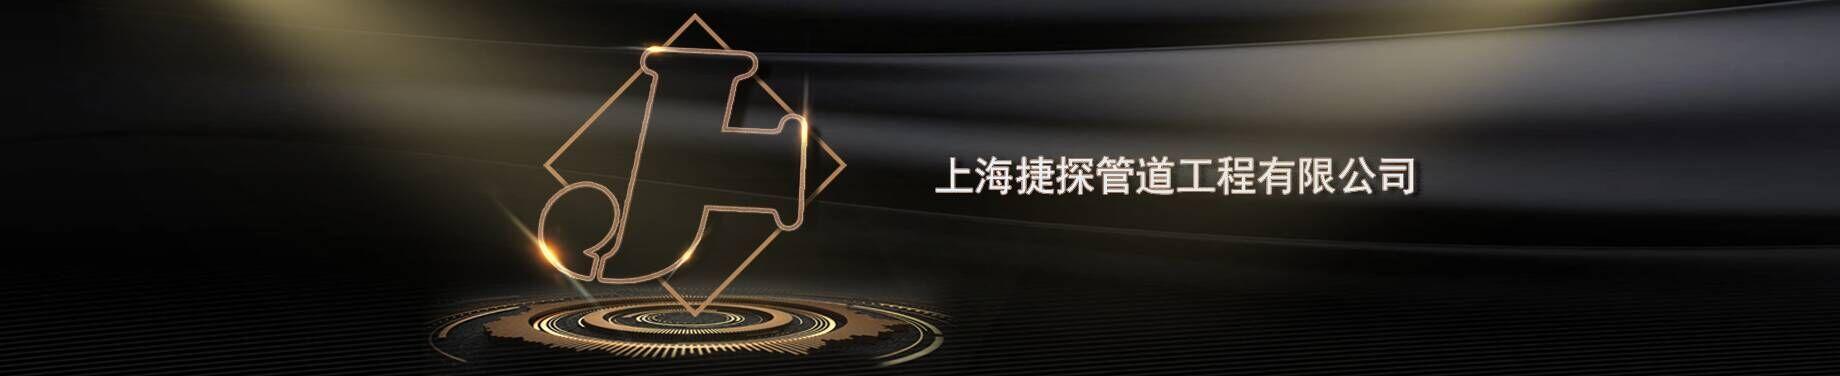 上海捷探下载捕鱼达人工程有限公司